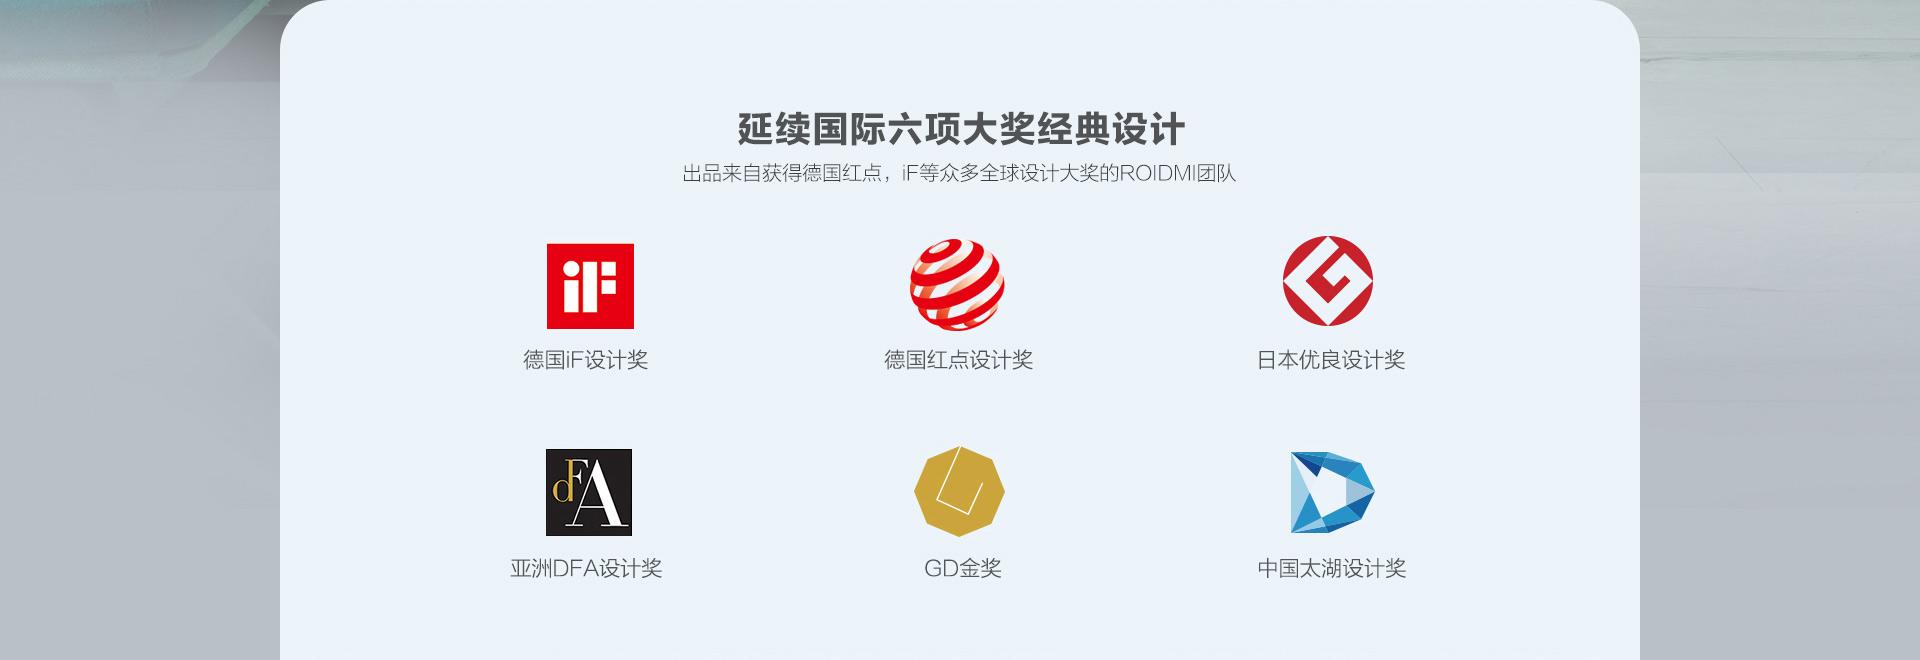 睿米手持无线吸尘器延续国际六项大奖经典设计的详细介绍